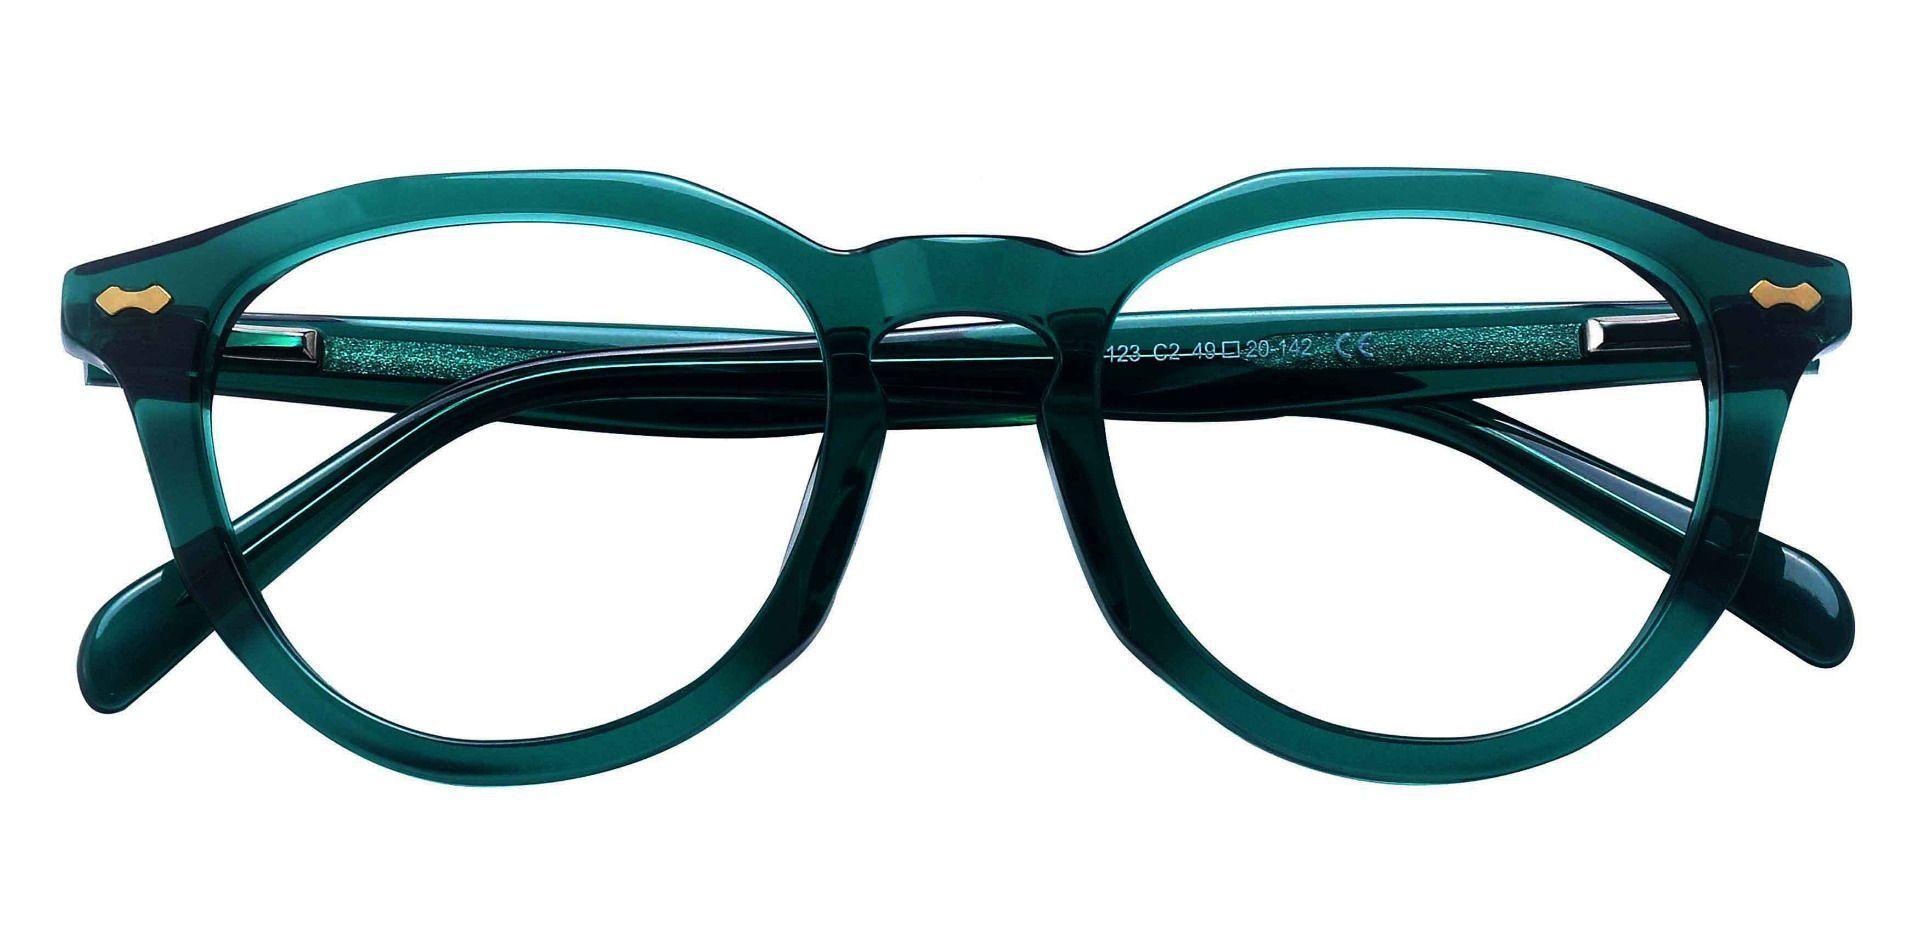 Rialto Round Prescription Glasses - Green